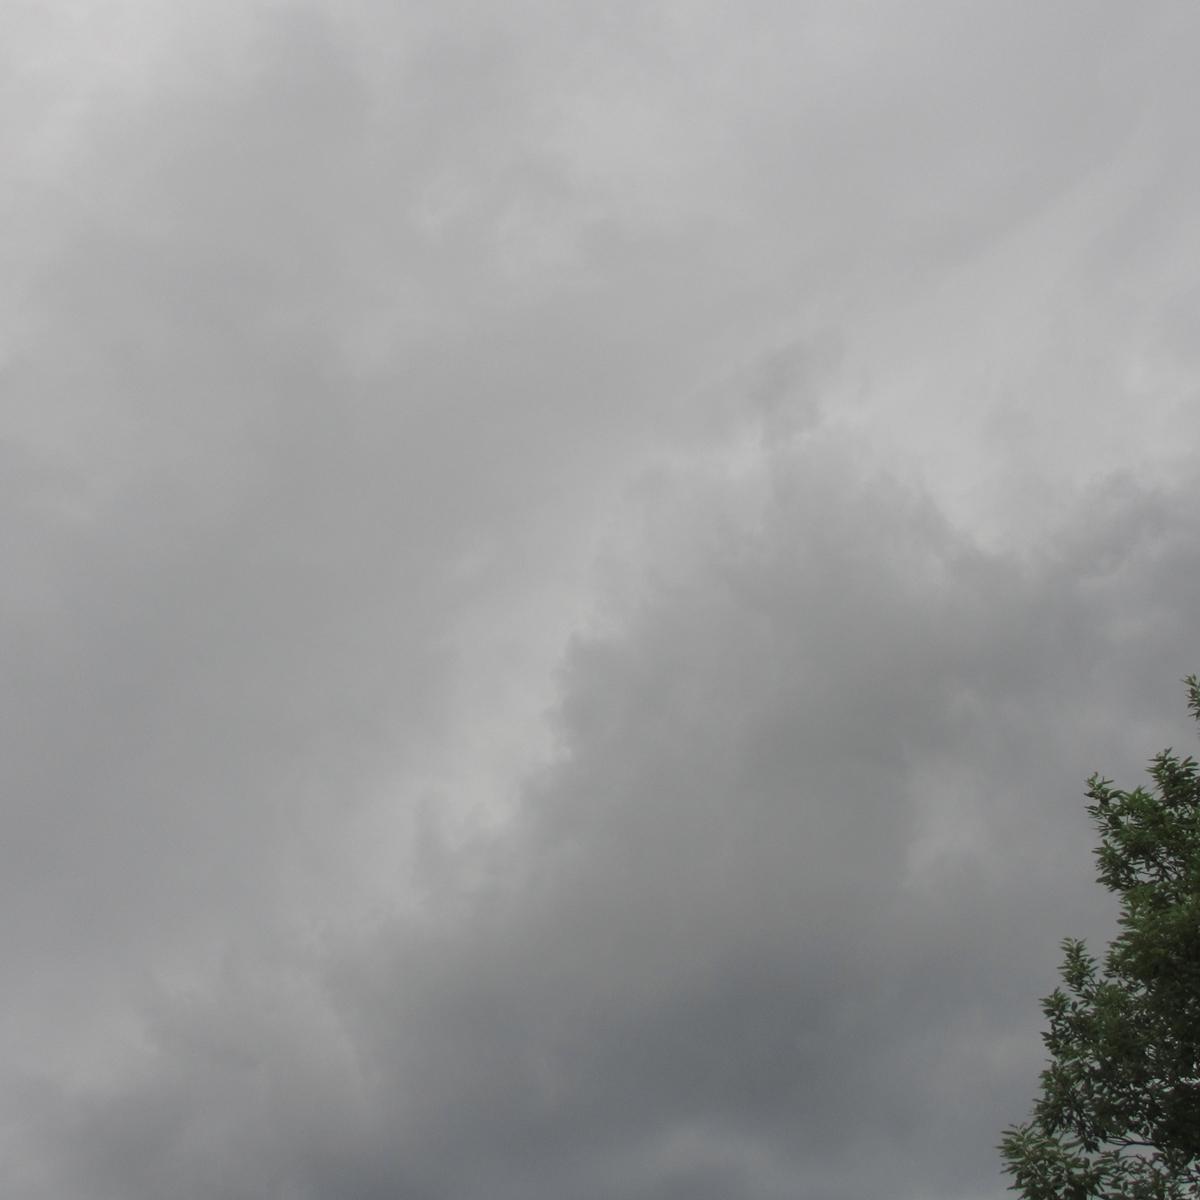 強風の一日!2015年7月1日(水)の空の写真 (5)